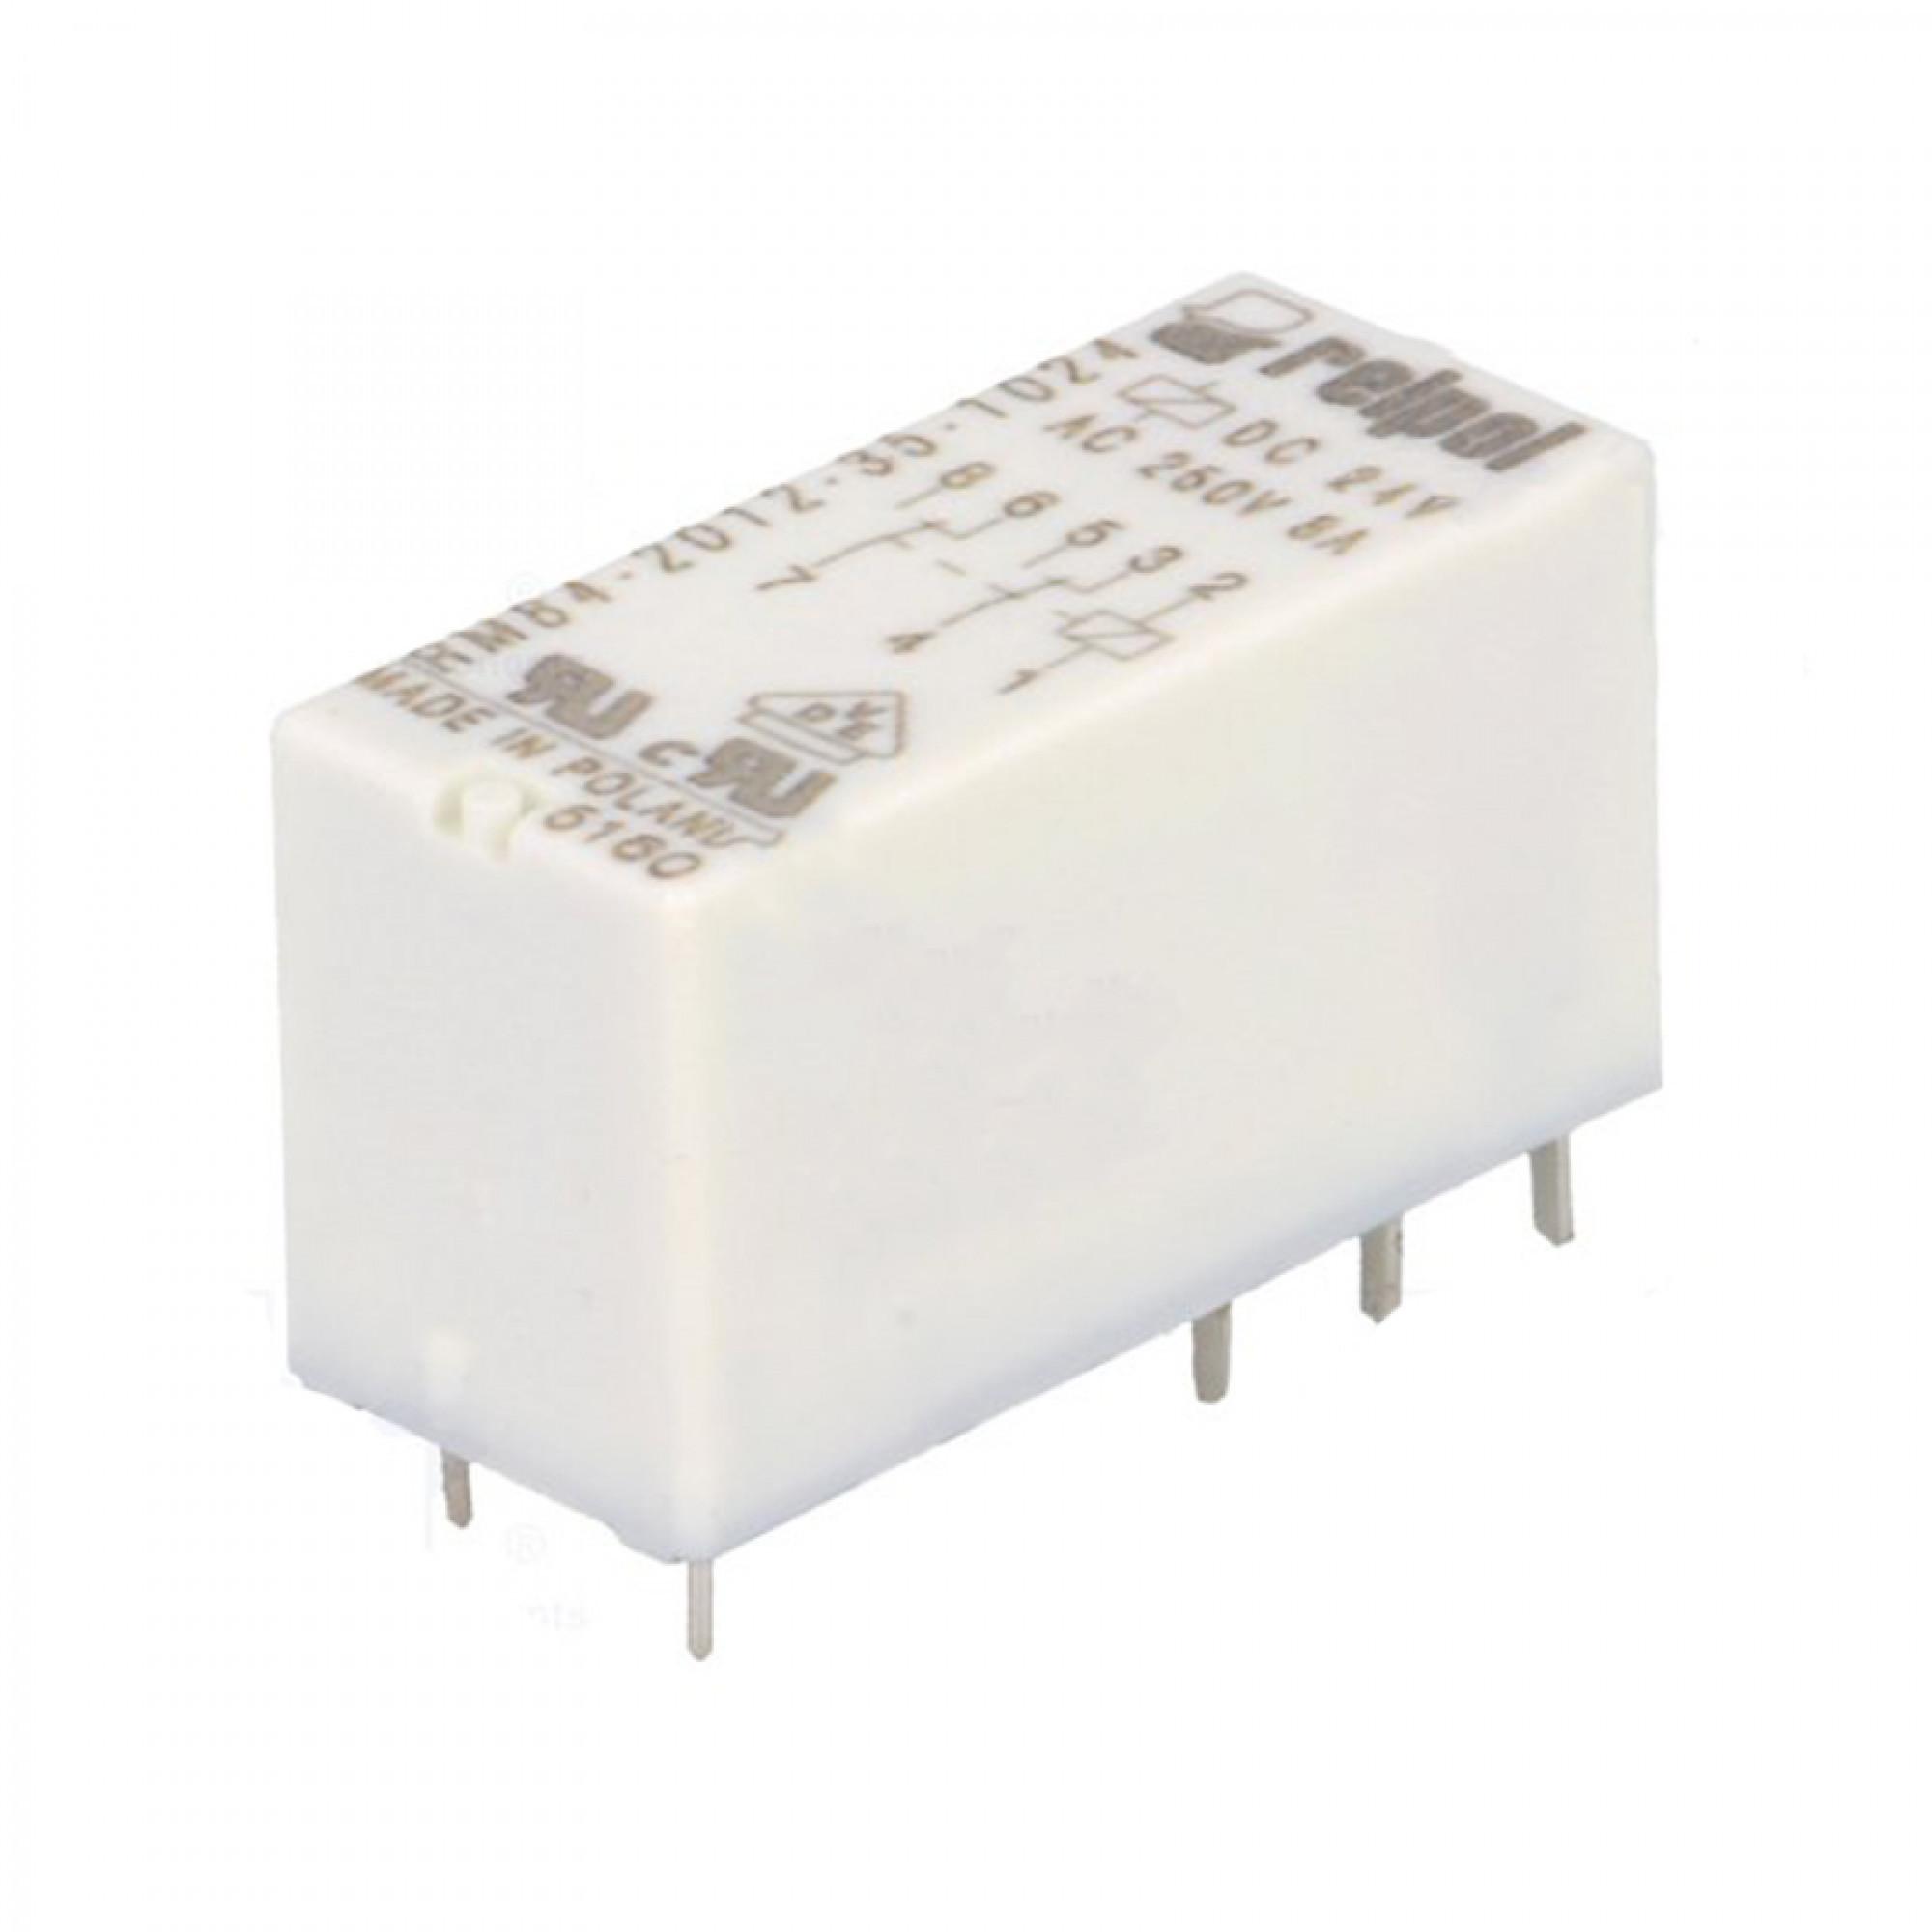 RM84-2012-35-1024 1 un 8A//250... Relé: electromagnético; Interruptor DPDT; Ucoil: 24VDC